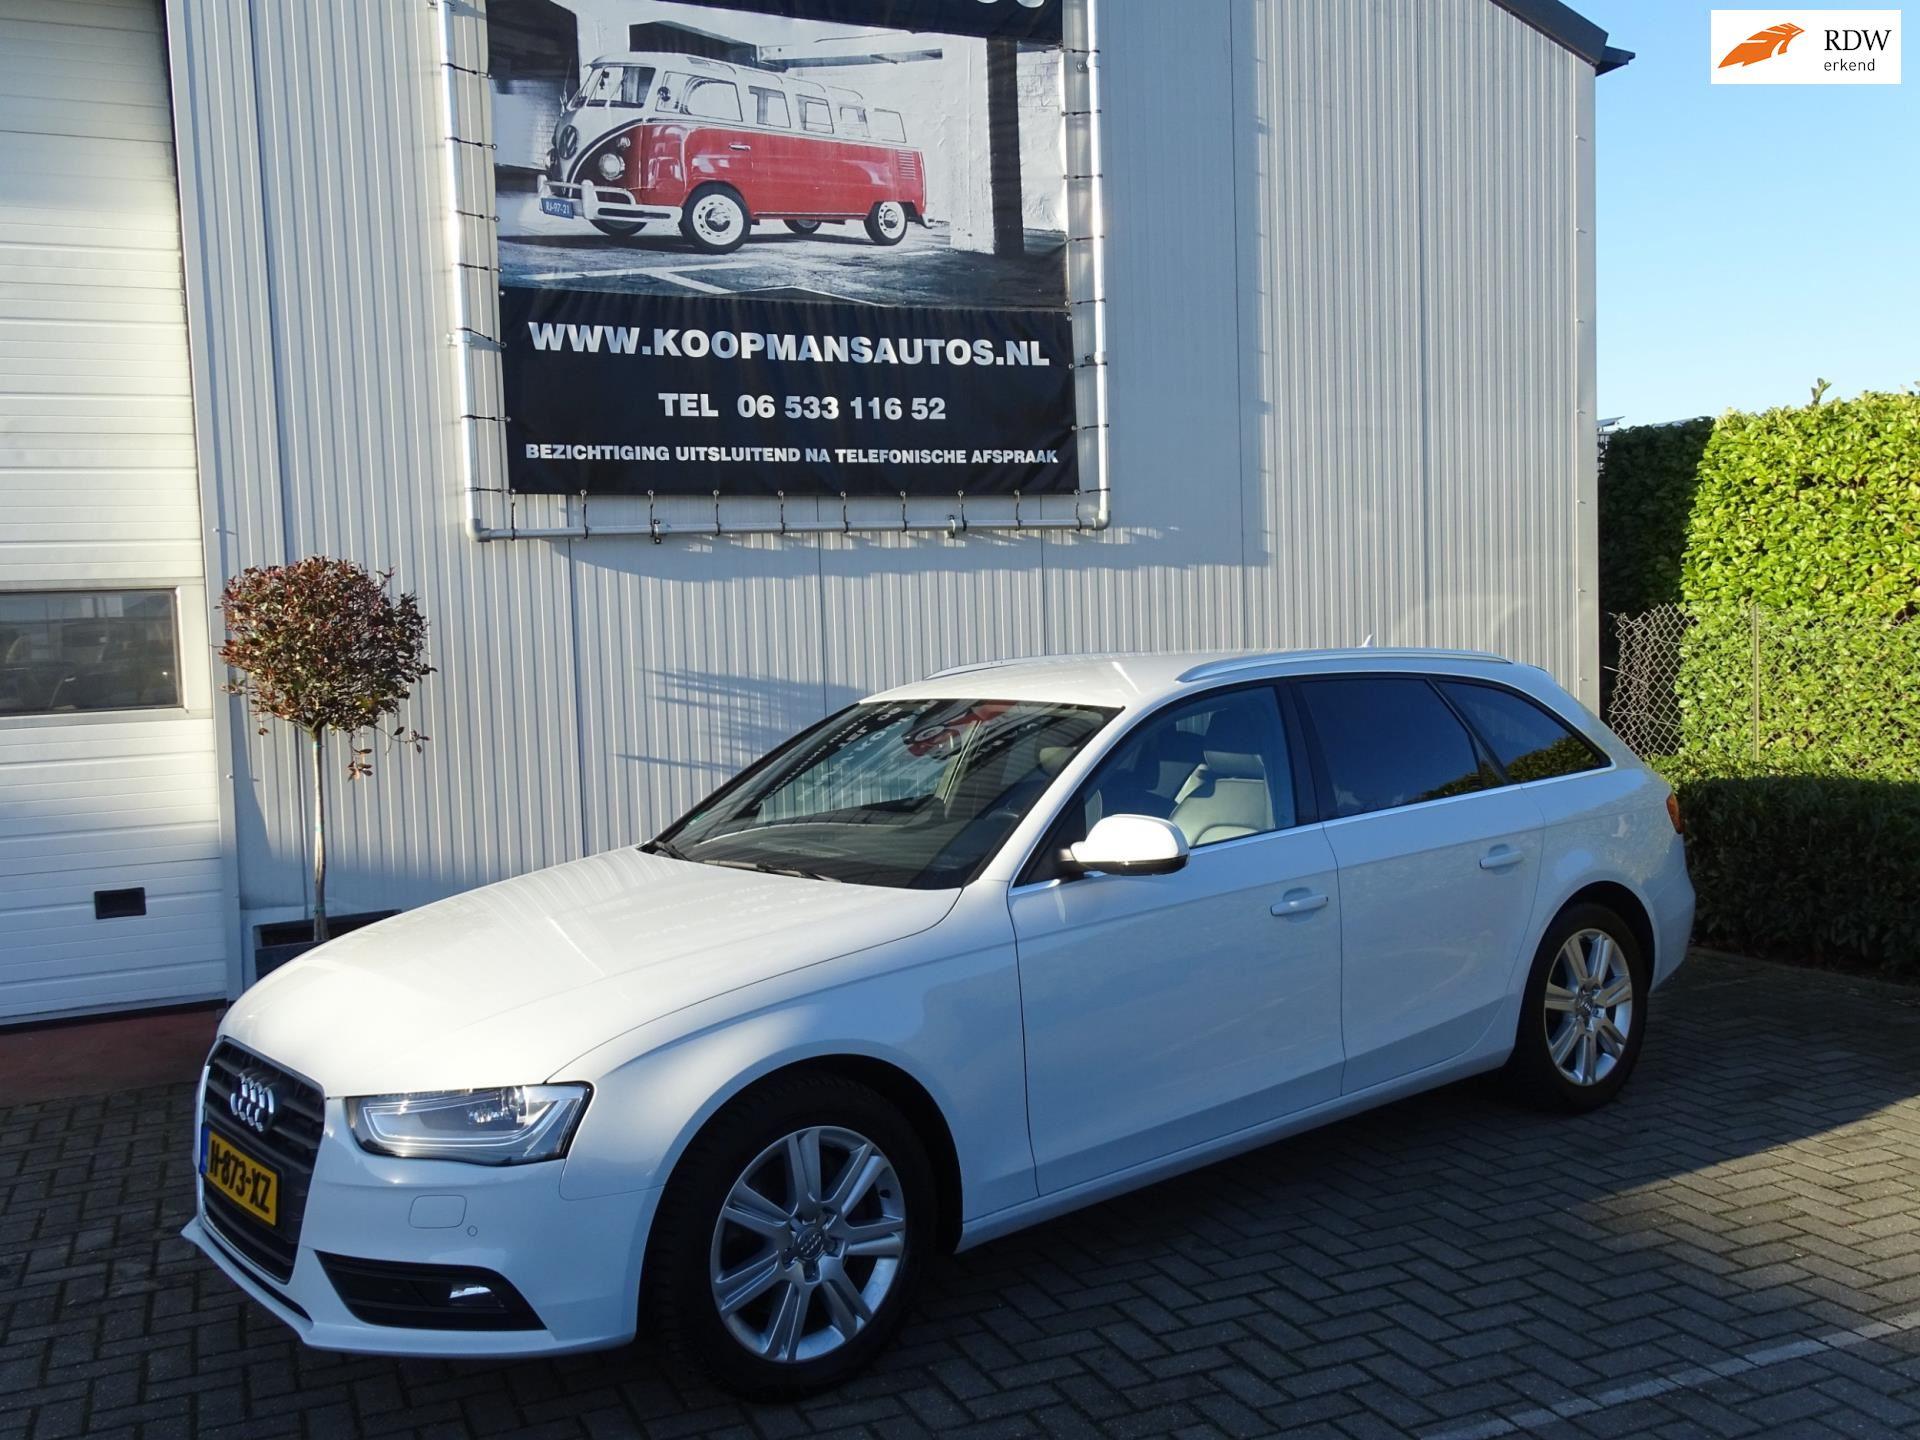 Audi A4 Avant occasion - Koopmans Auto's